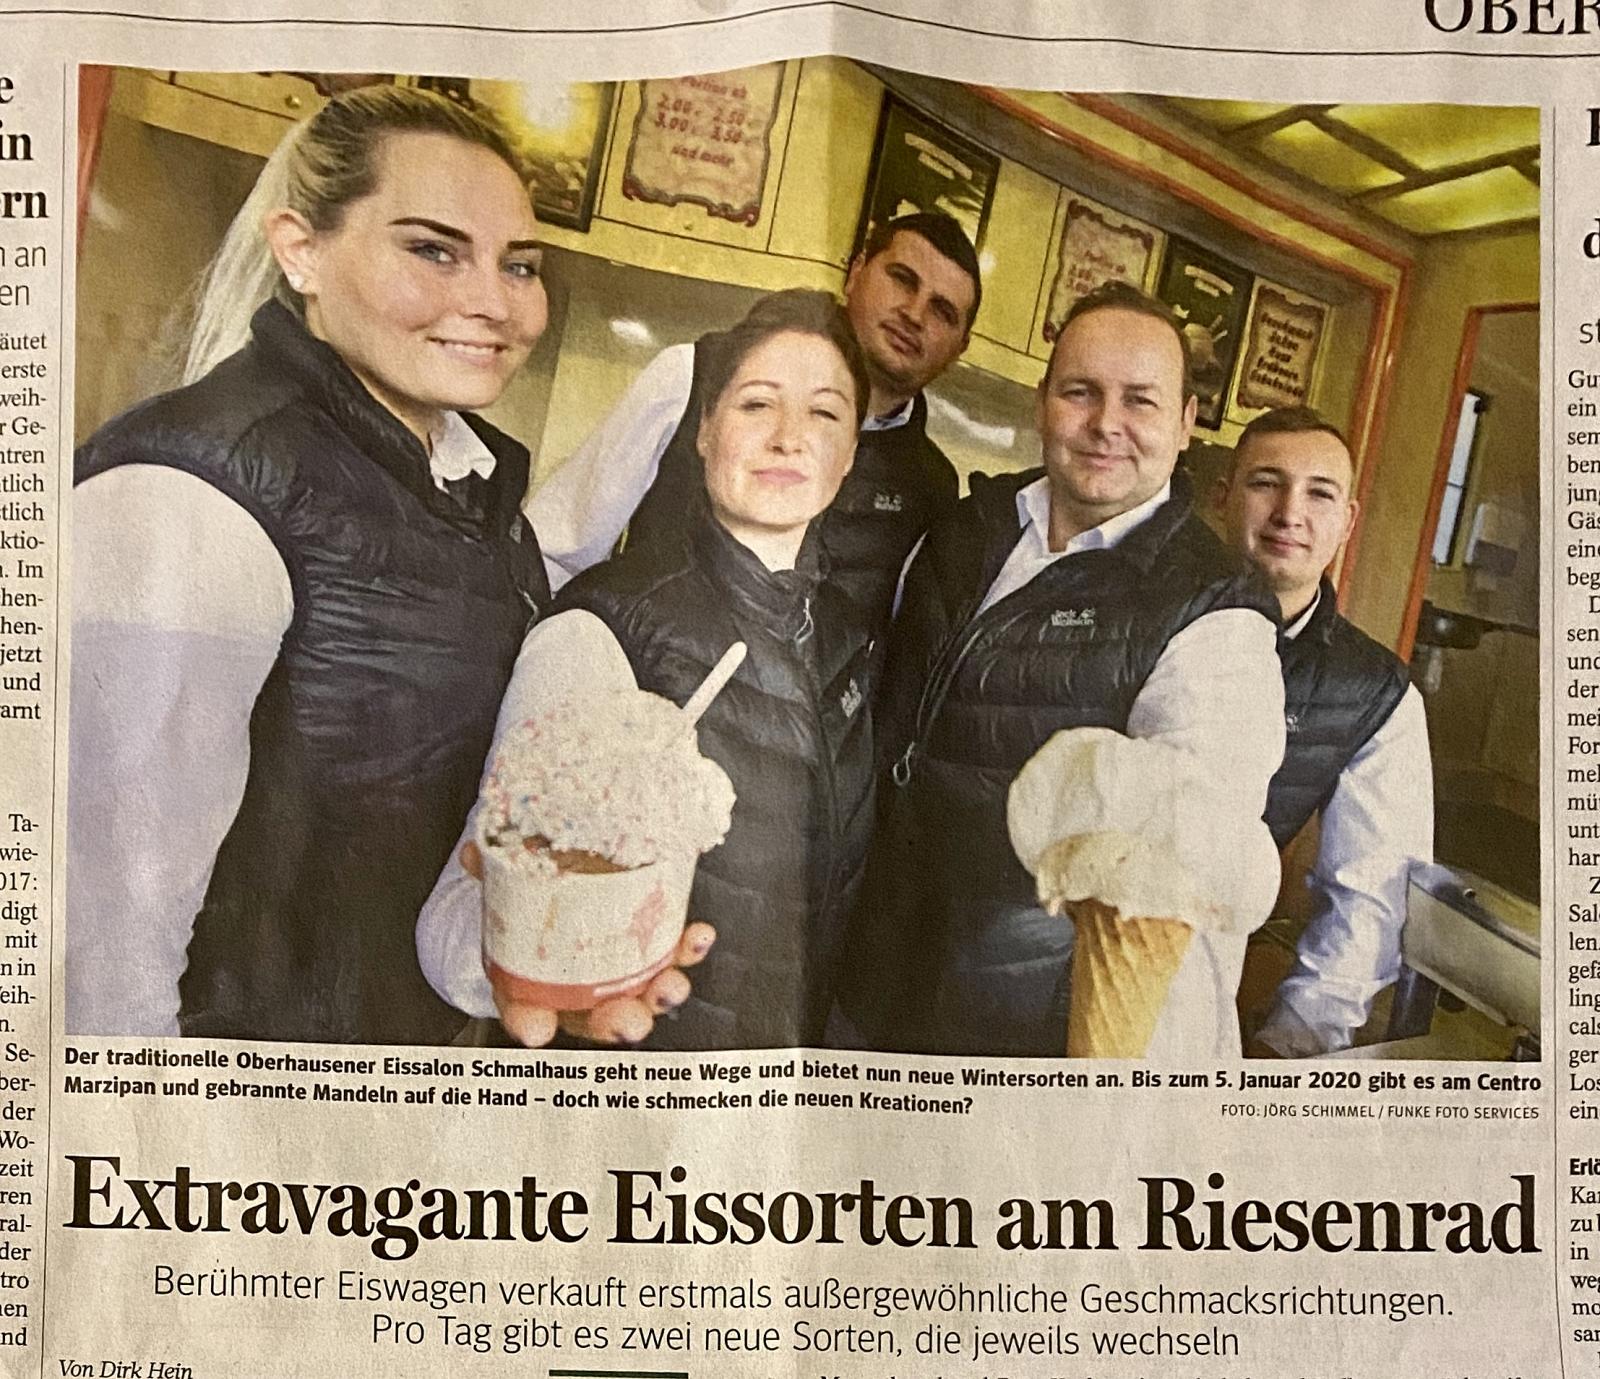 Extravagante Eissorten am Riesenrad